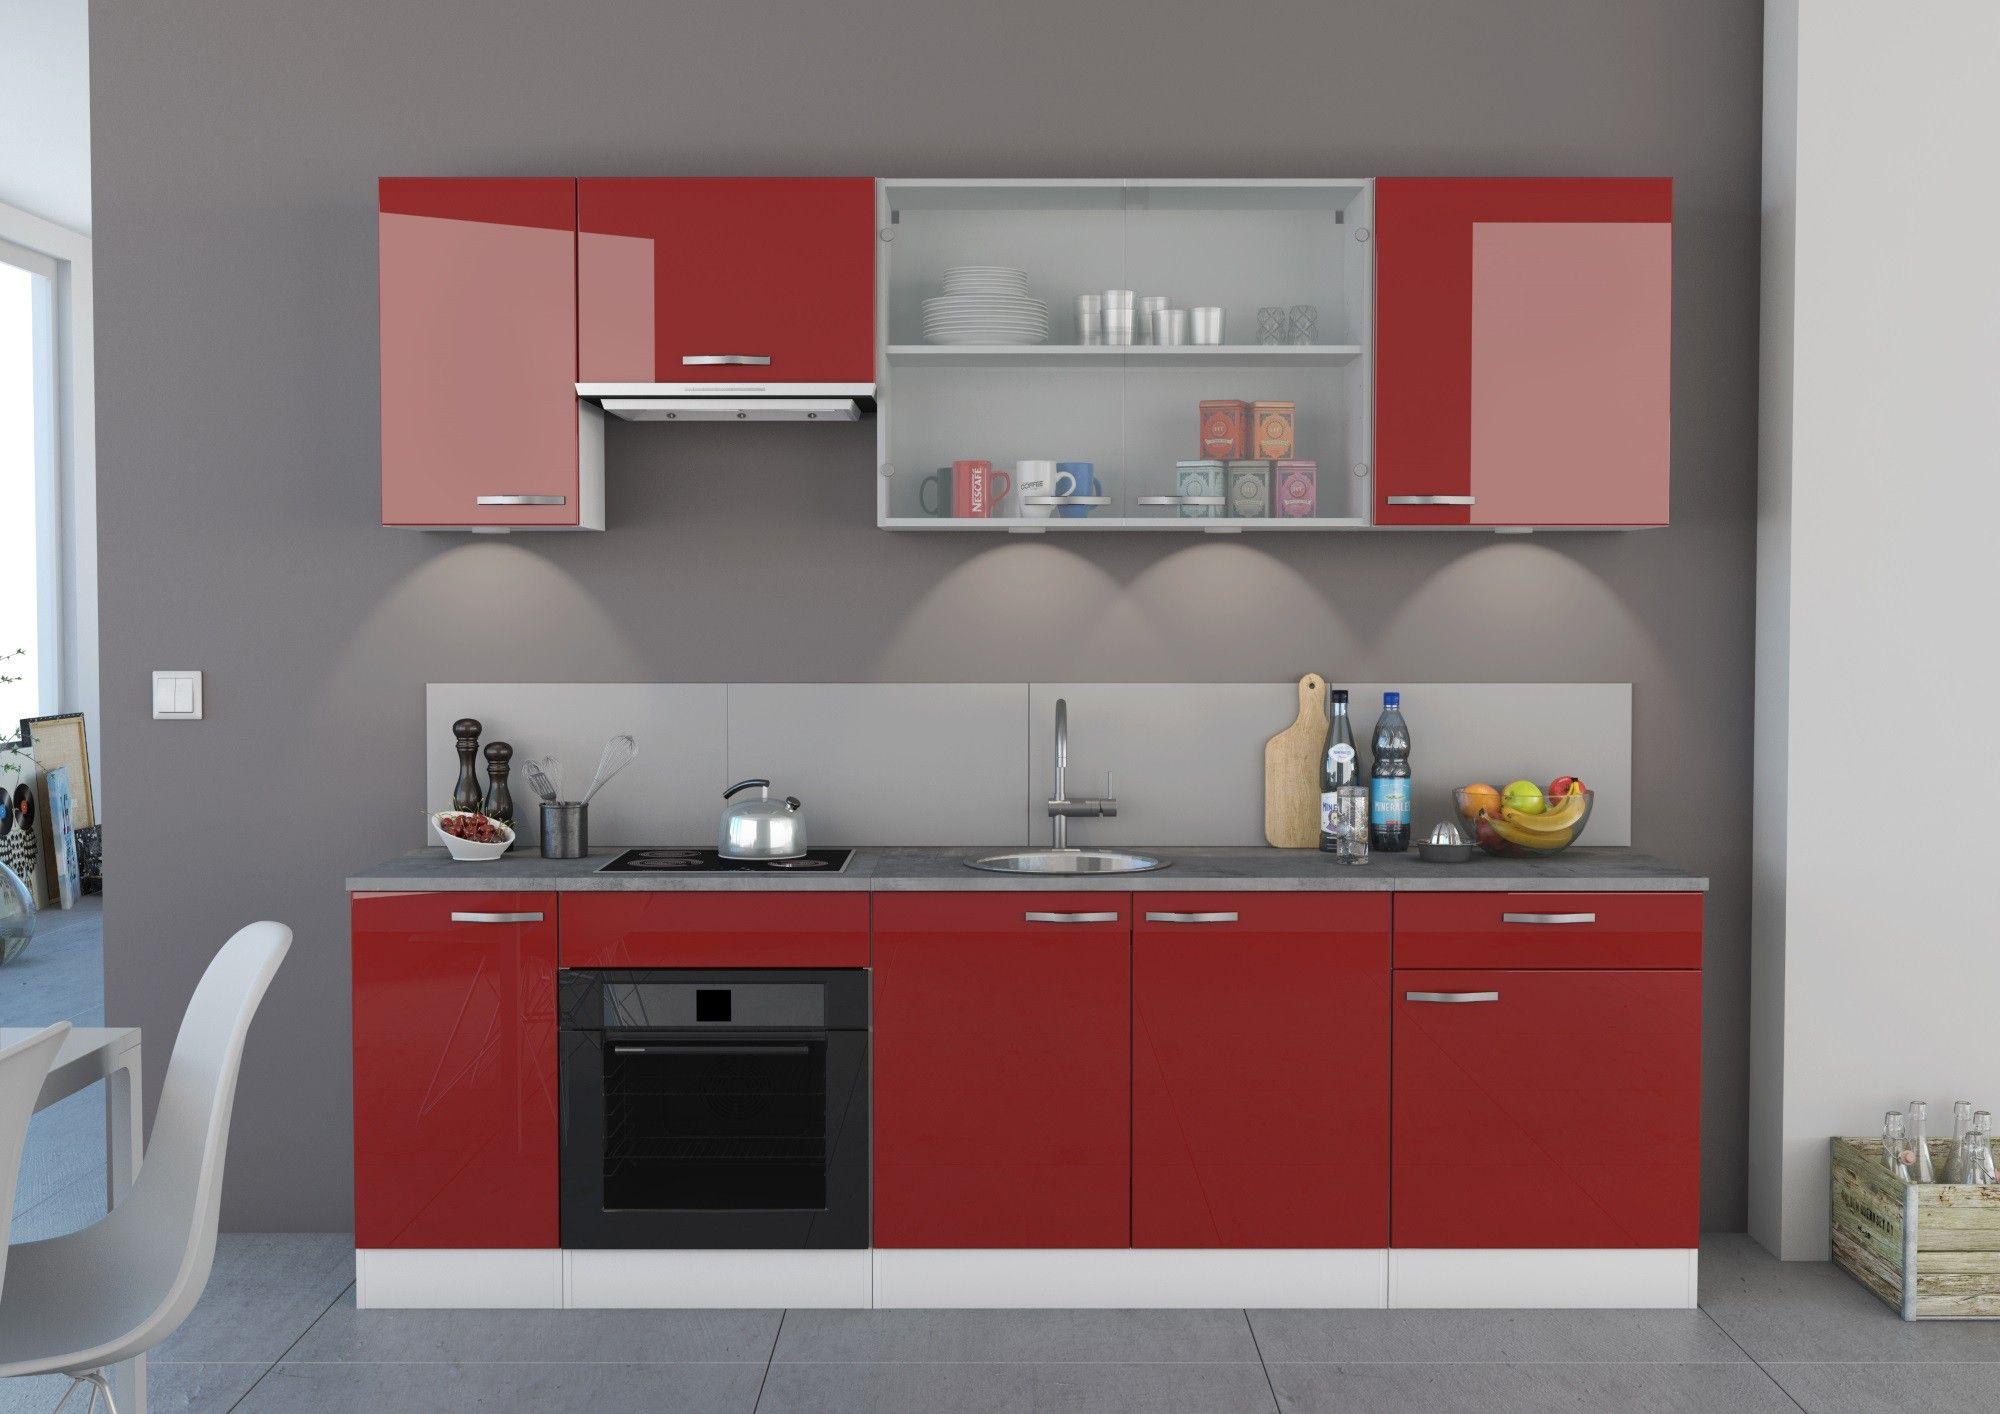 Meuble Bas De Cuisine Noir Laqué meuble bas de cuisine contemporain 2 portes blanc mat/rouge